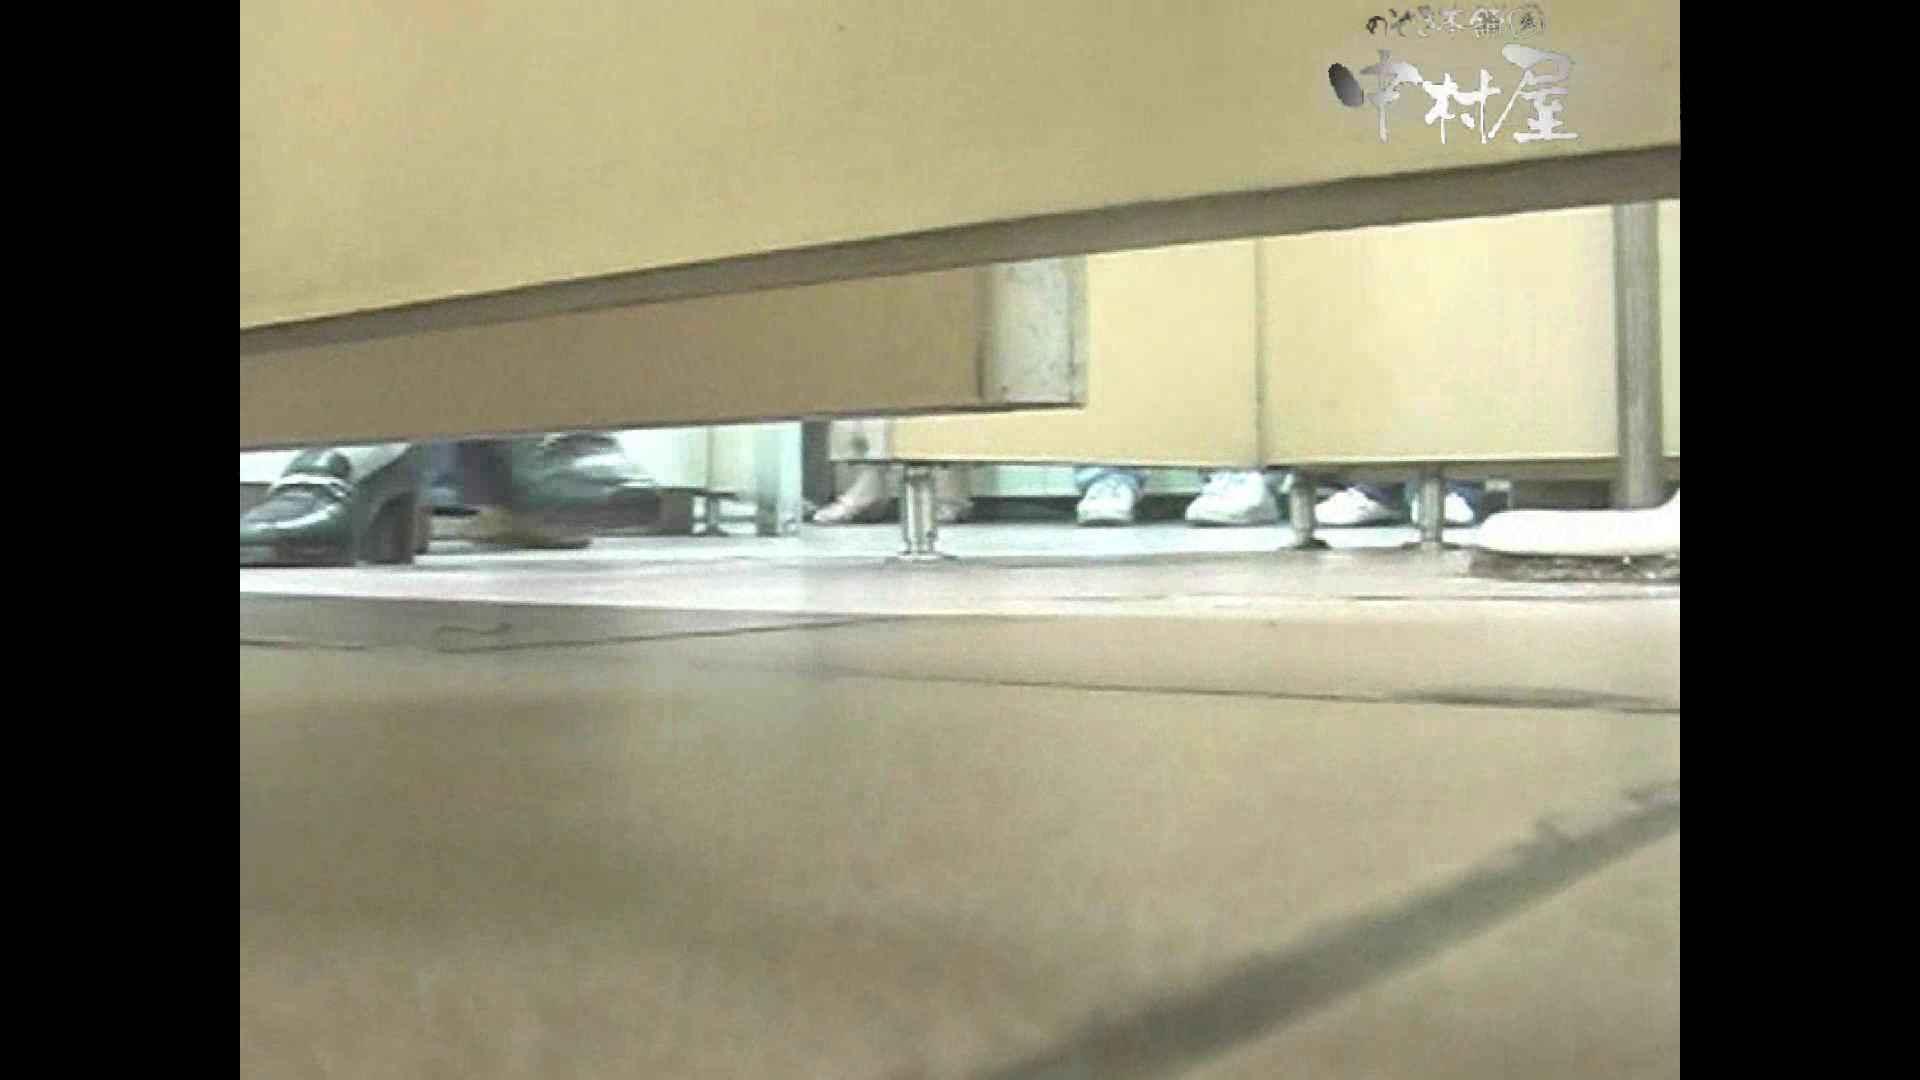 岩手県在住盗撮師盗撮記録vol.12 ハプニング映像 AV無料動画キャプチャ 91PIX 34